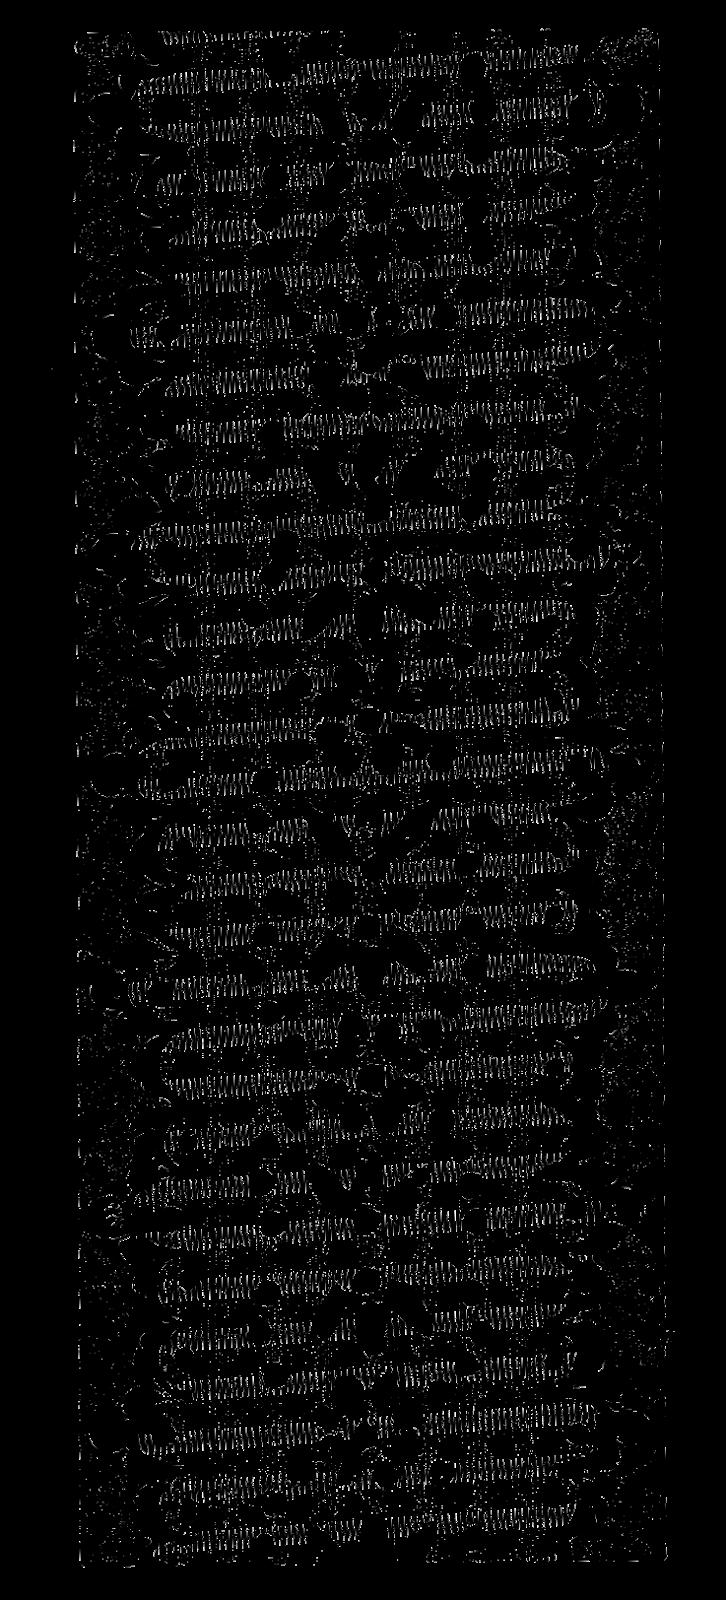 graphic transparent Antique images free digital. Vintage lace clipart